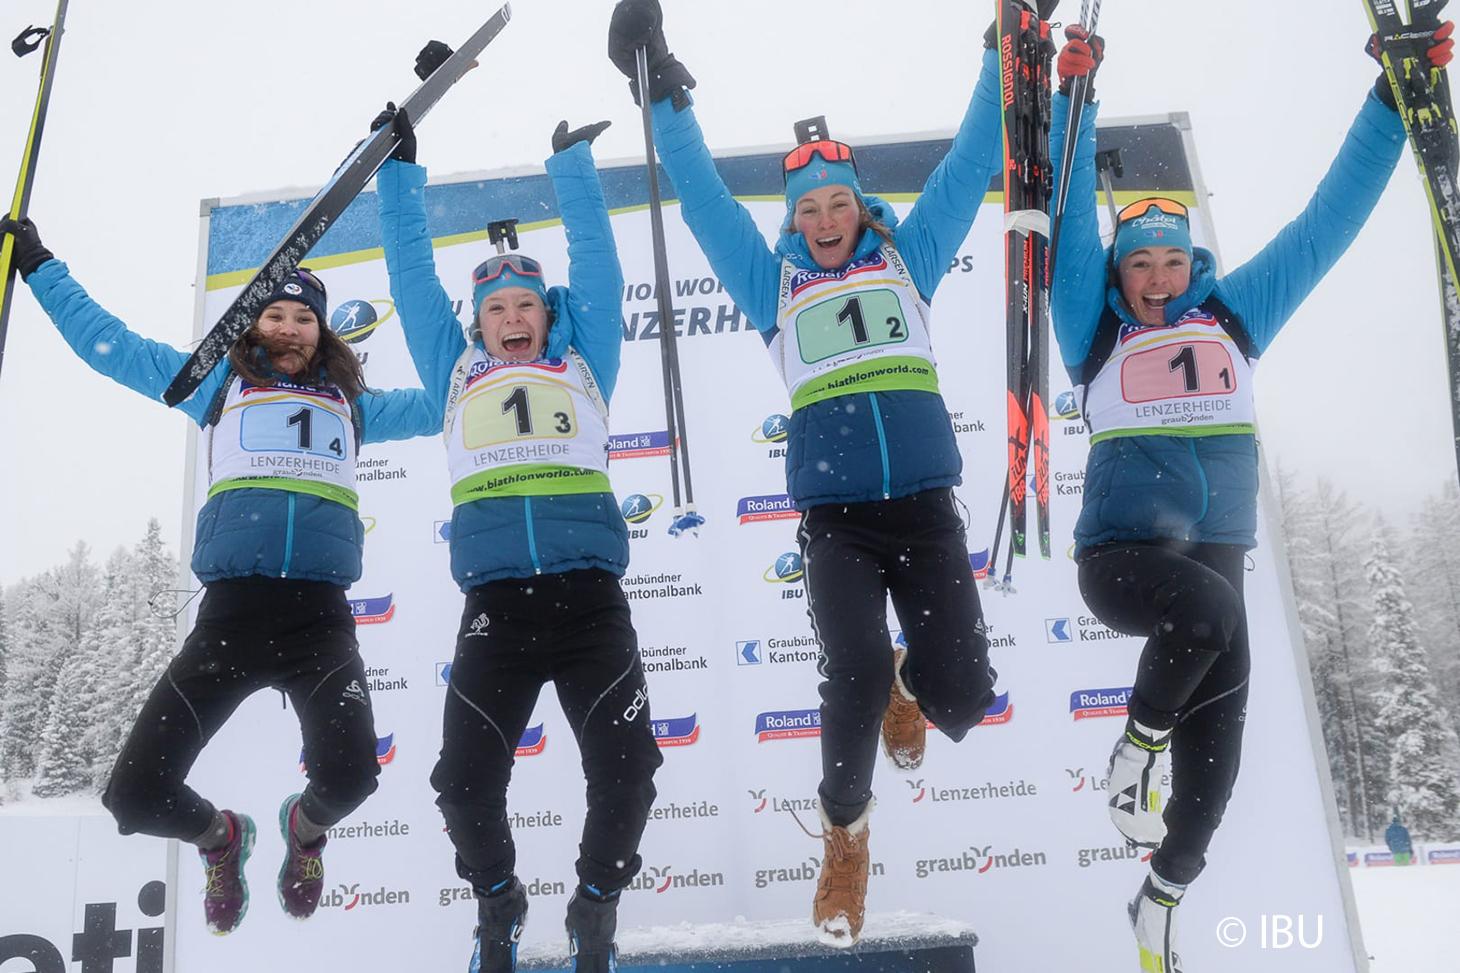 Le relais féminin tricolore de biathlon décroche l'or aux championnats du monde junior 2019-2020 © IBU